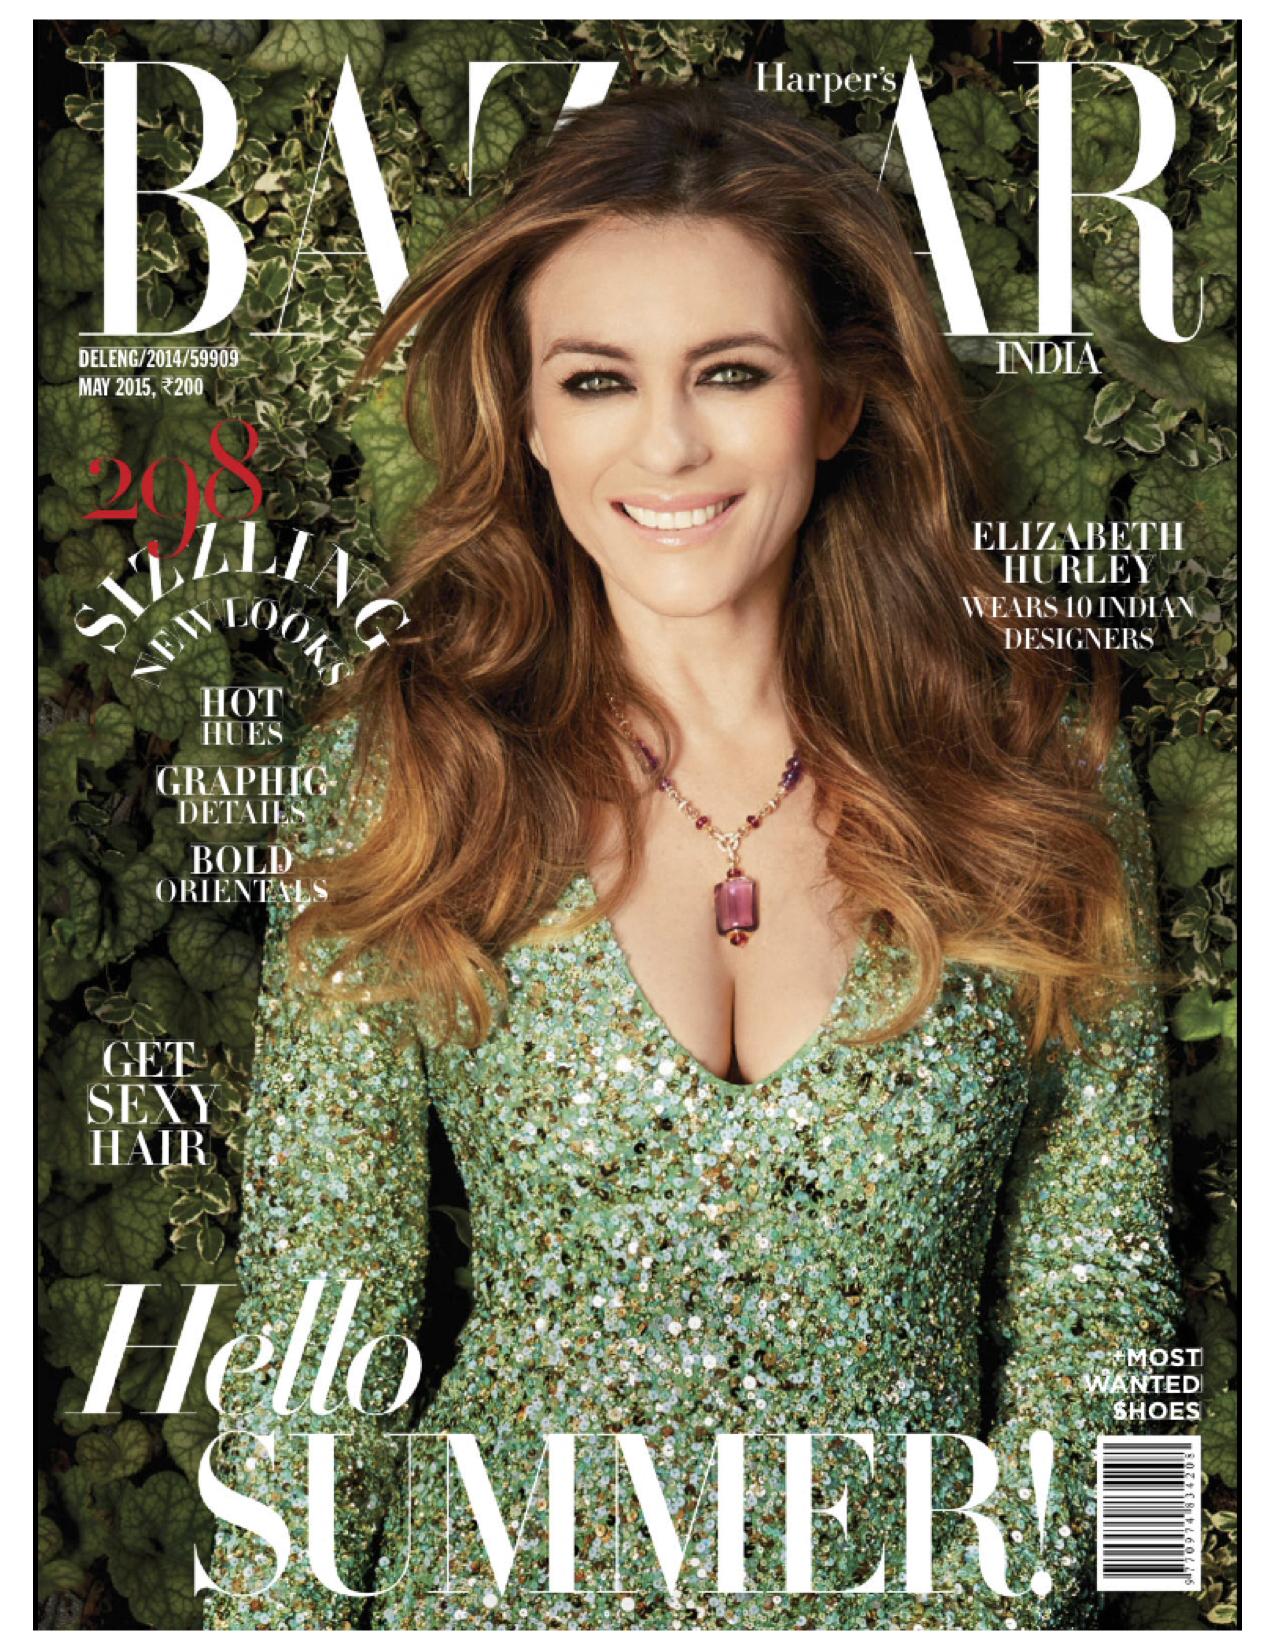 Elizabeth Hurley for Harper's Bazaar - May 2015